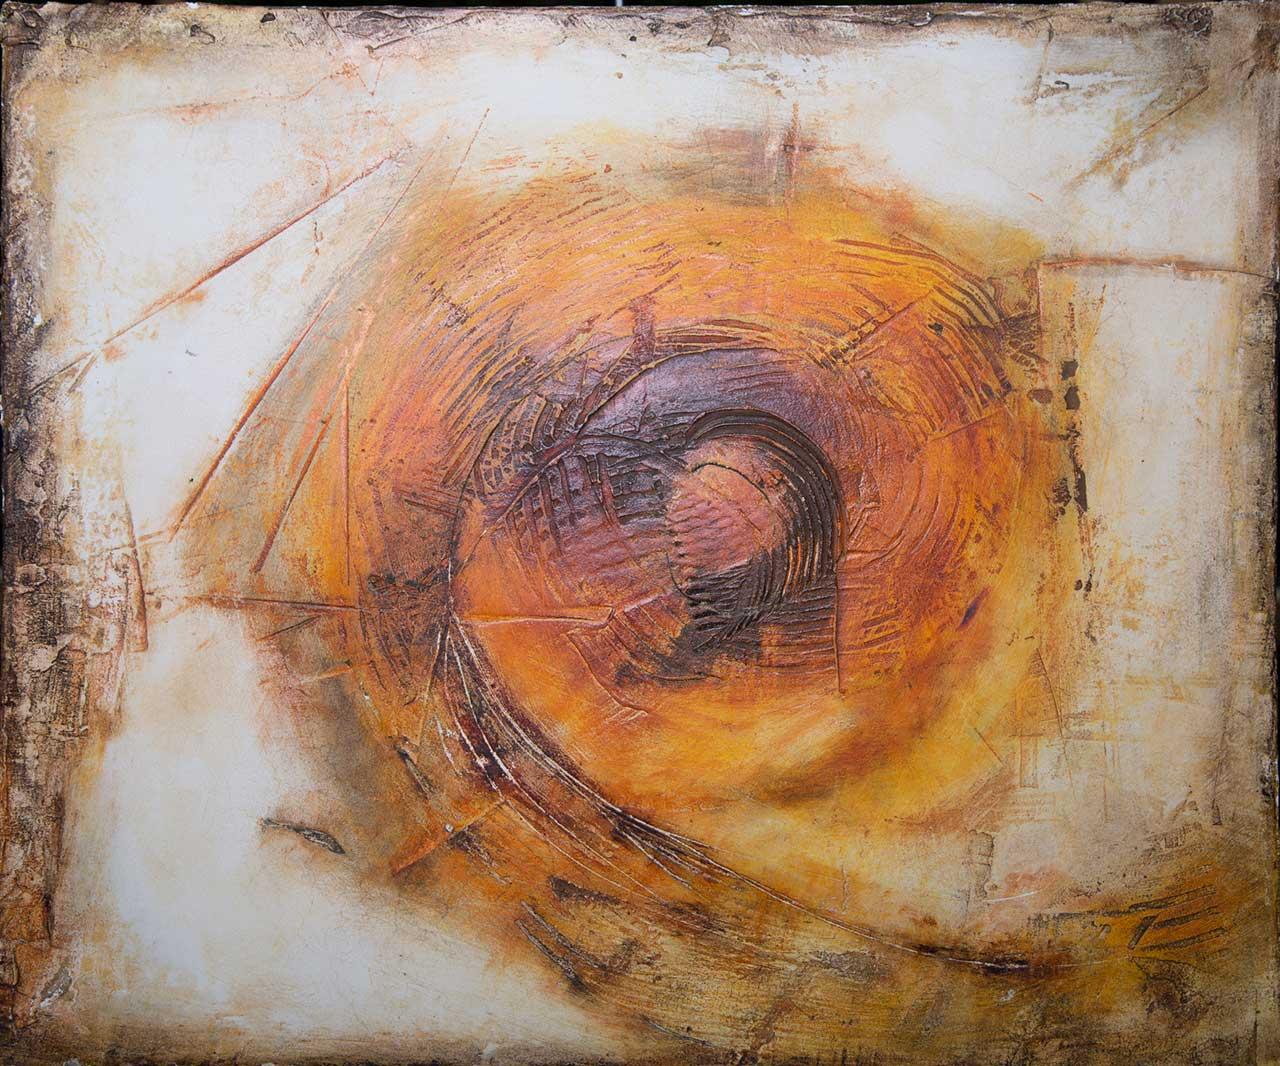 Fresko Wege 3 Freskotechnik auf Fermacellplatte 2015, 60×50